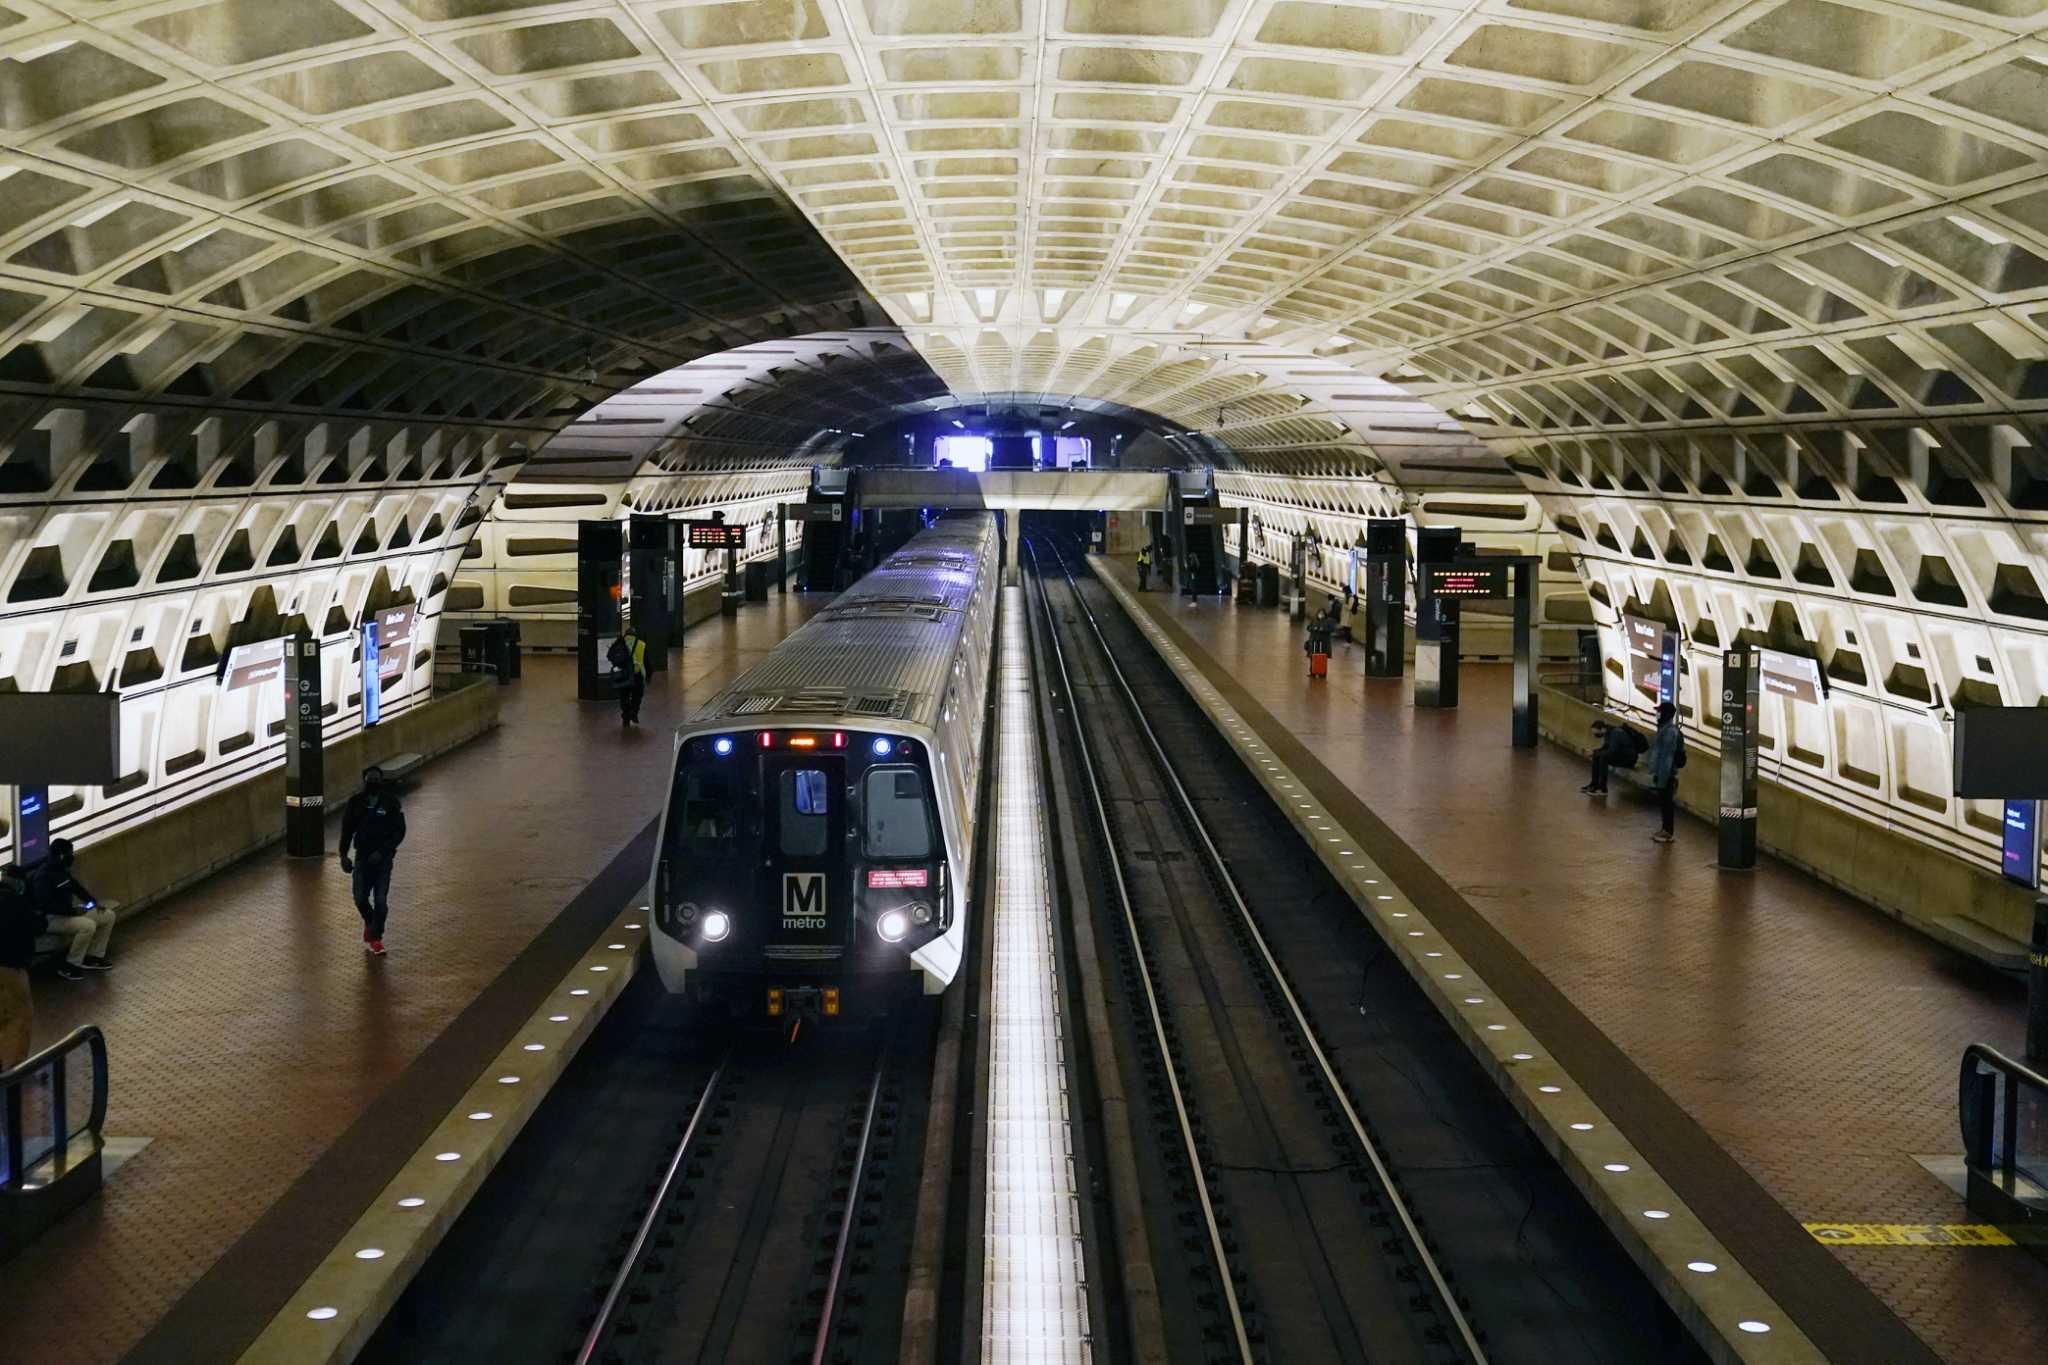 华盛顿地区地铁突然宣布停运一半以上列车